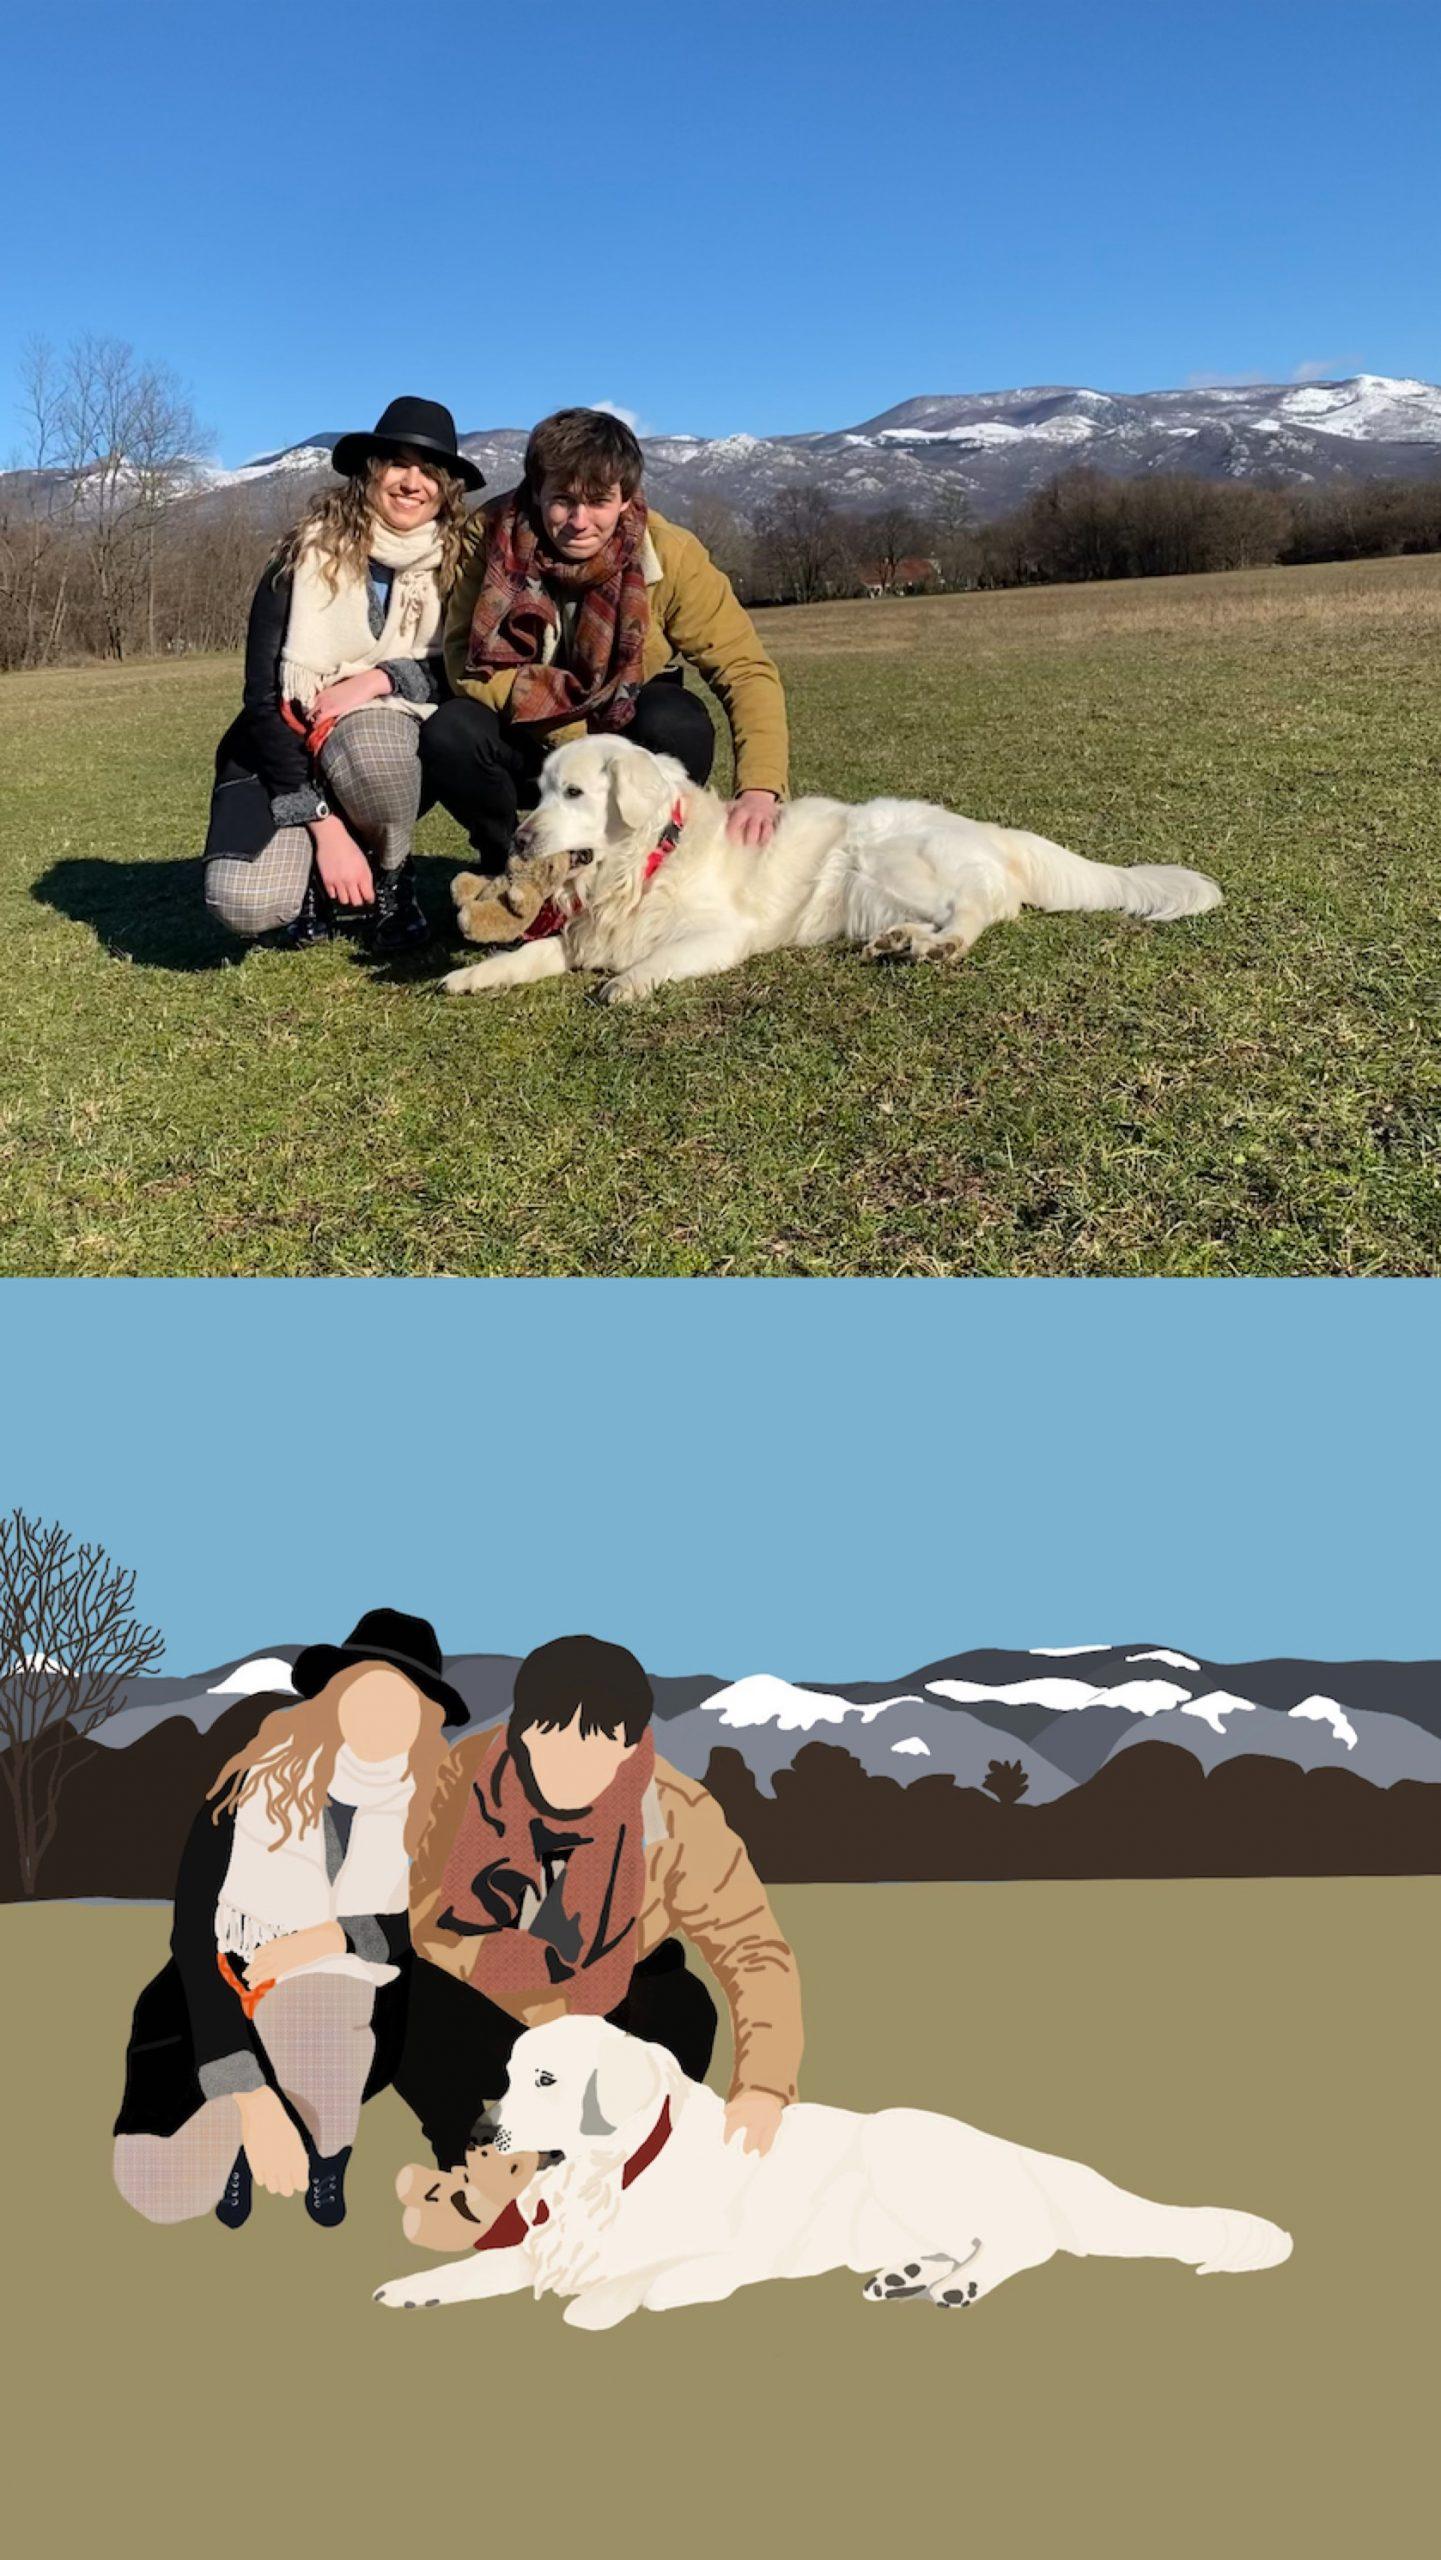 """Najljepše portretne ilustracije pronašli smo kod """"horses ate the flowers"""""""